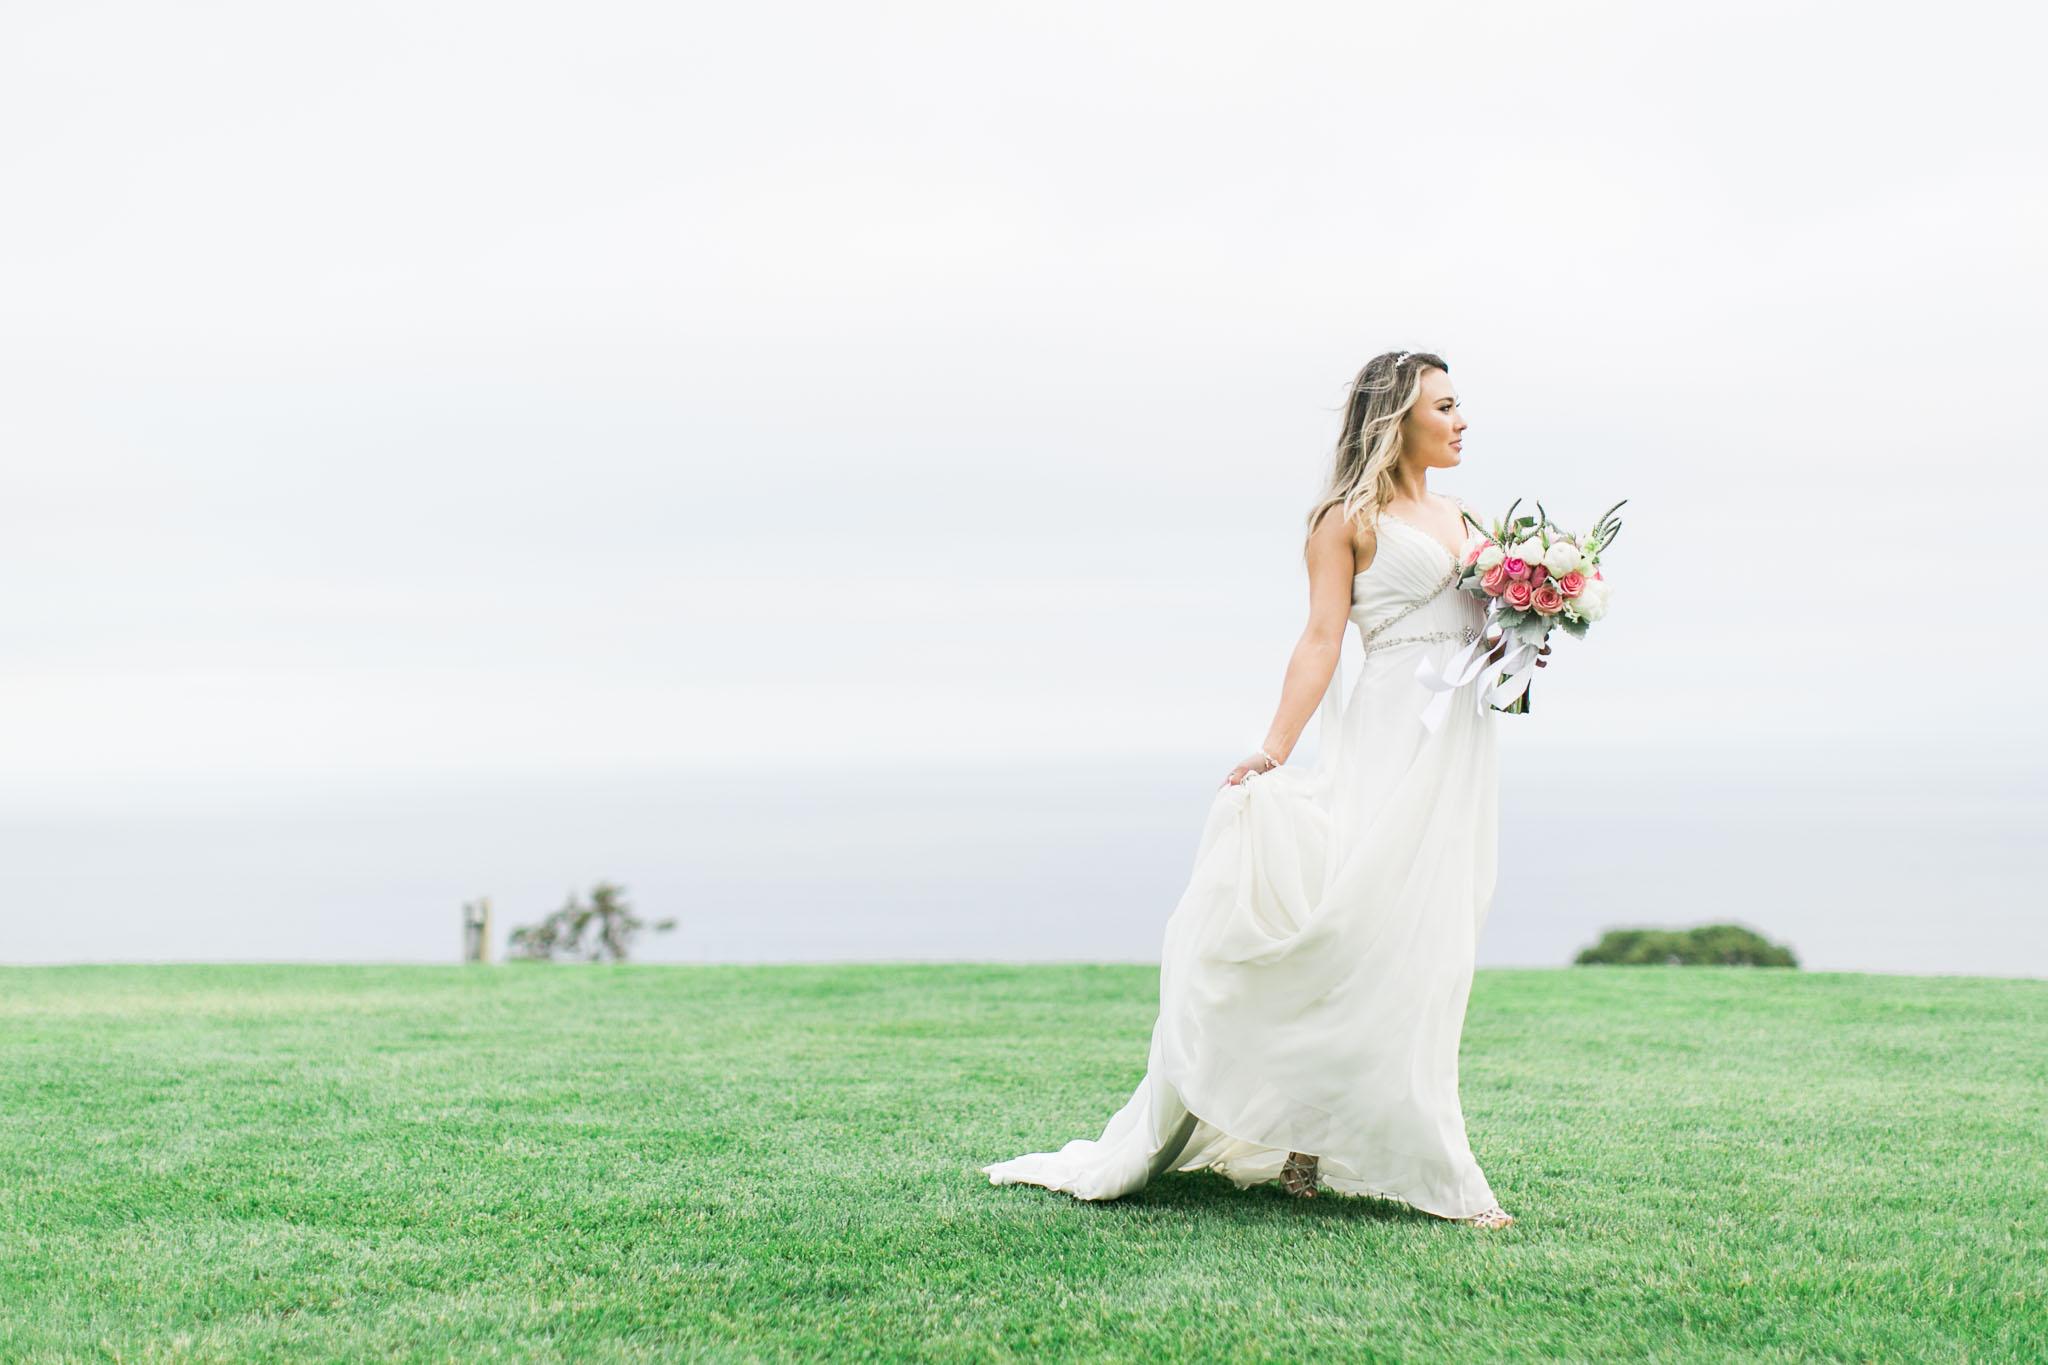 JD+Sherry Wedding - for social media-171.jpg